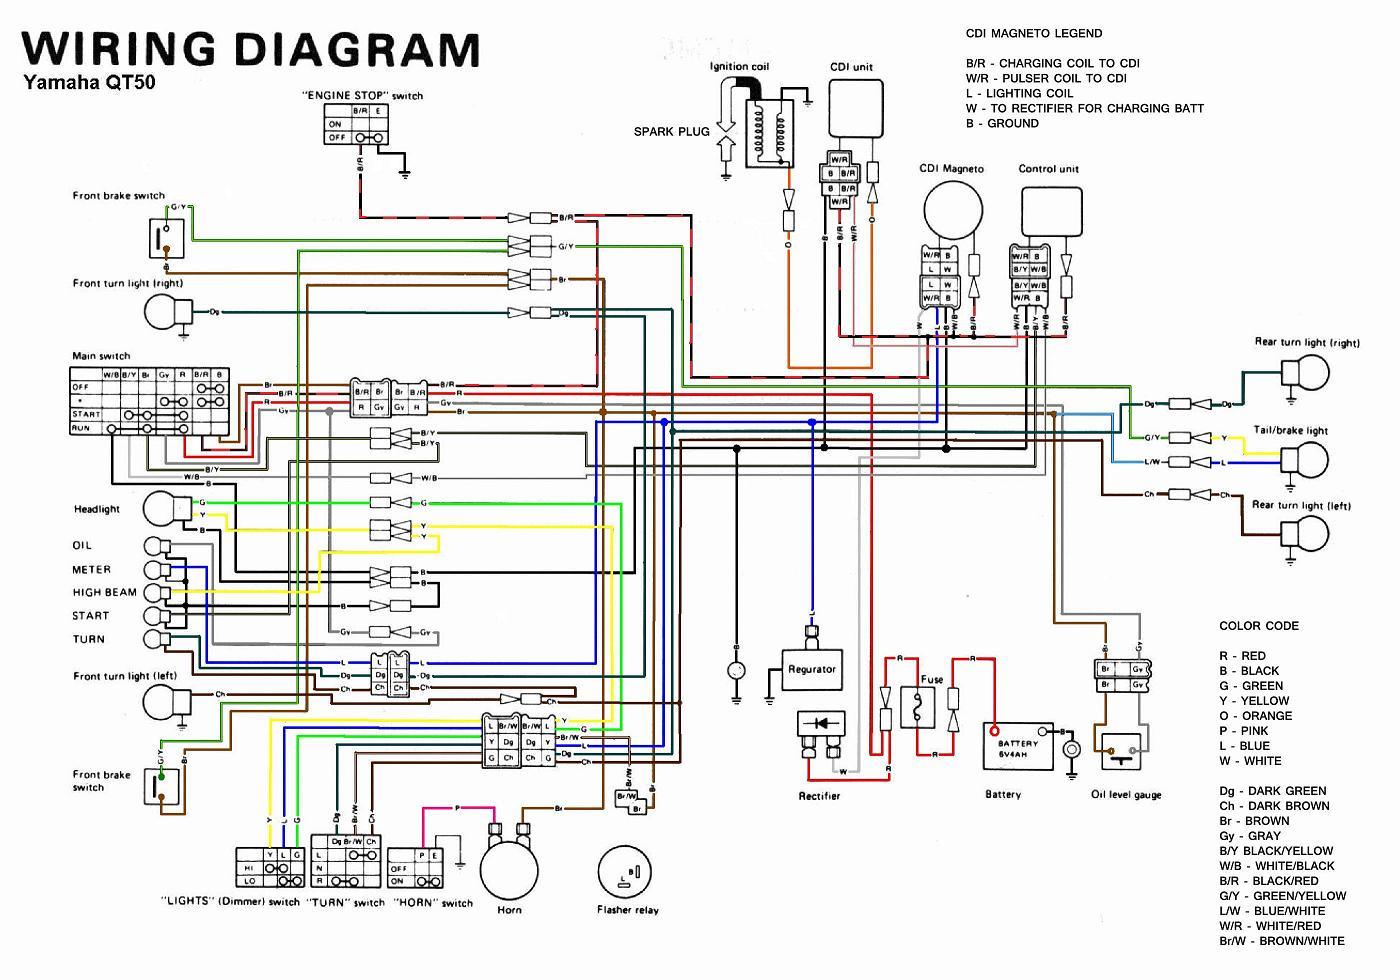 Yamaha QT50 Wiring Diagram?resize=640%2C448 1977 yamaha dt 250 wiring diagram hobbiesxstyle yamaha 1978 dt 125 wiring diagram at soozxer.org